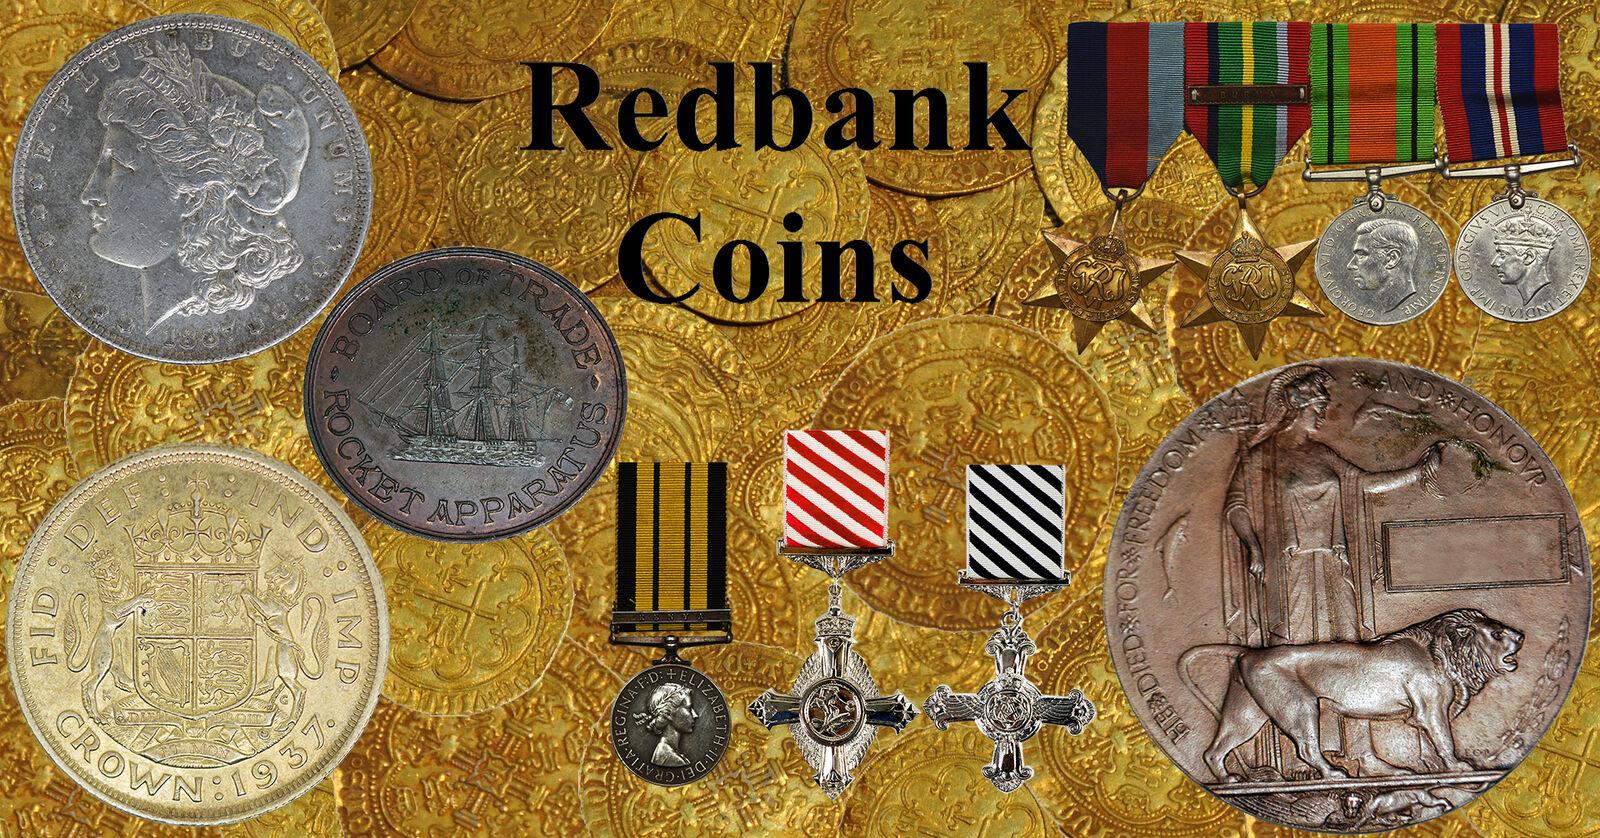 Redbank Coins